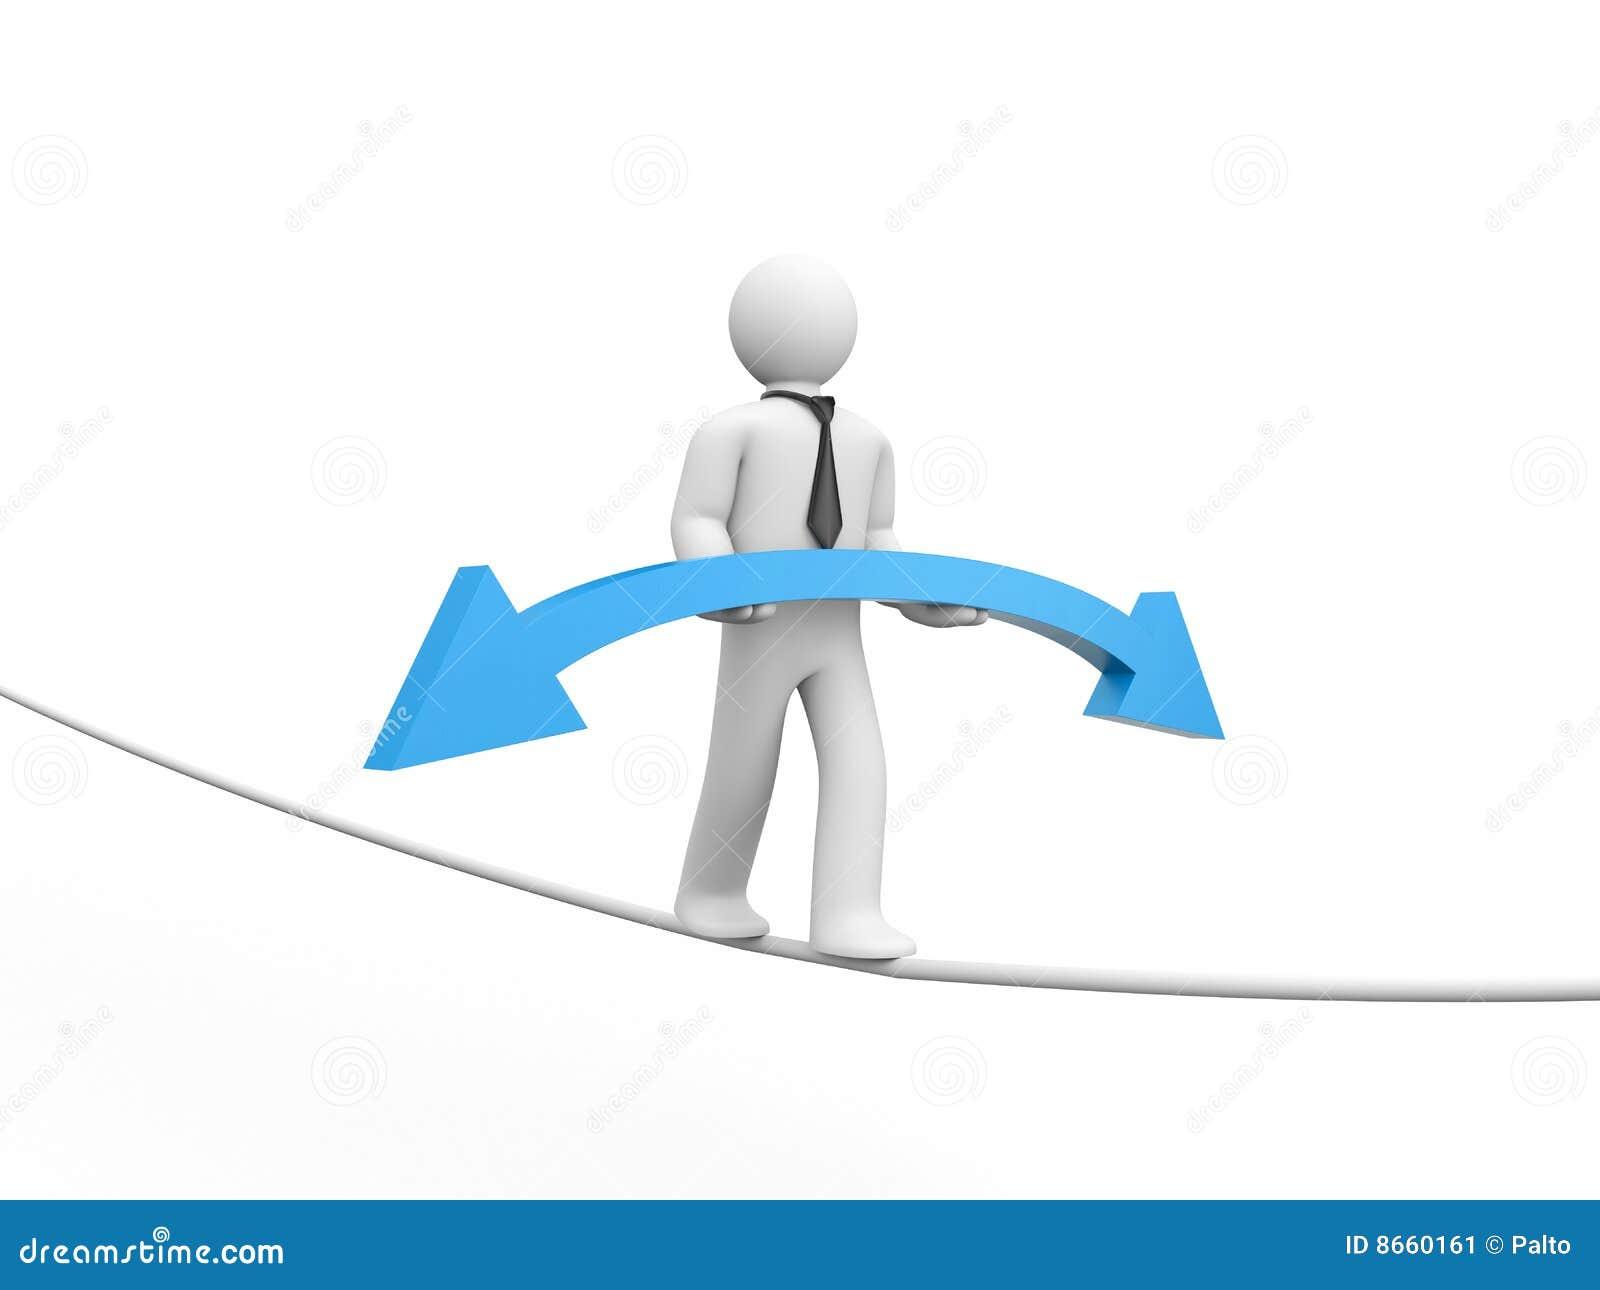 La flèche amène la personne vers le haut